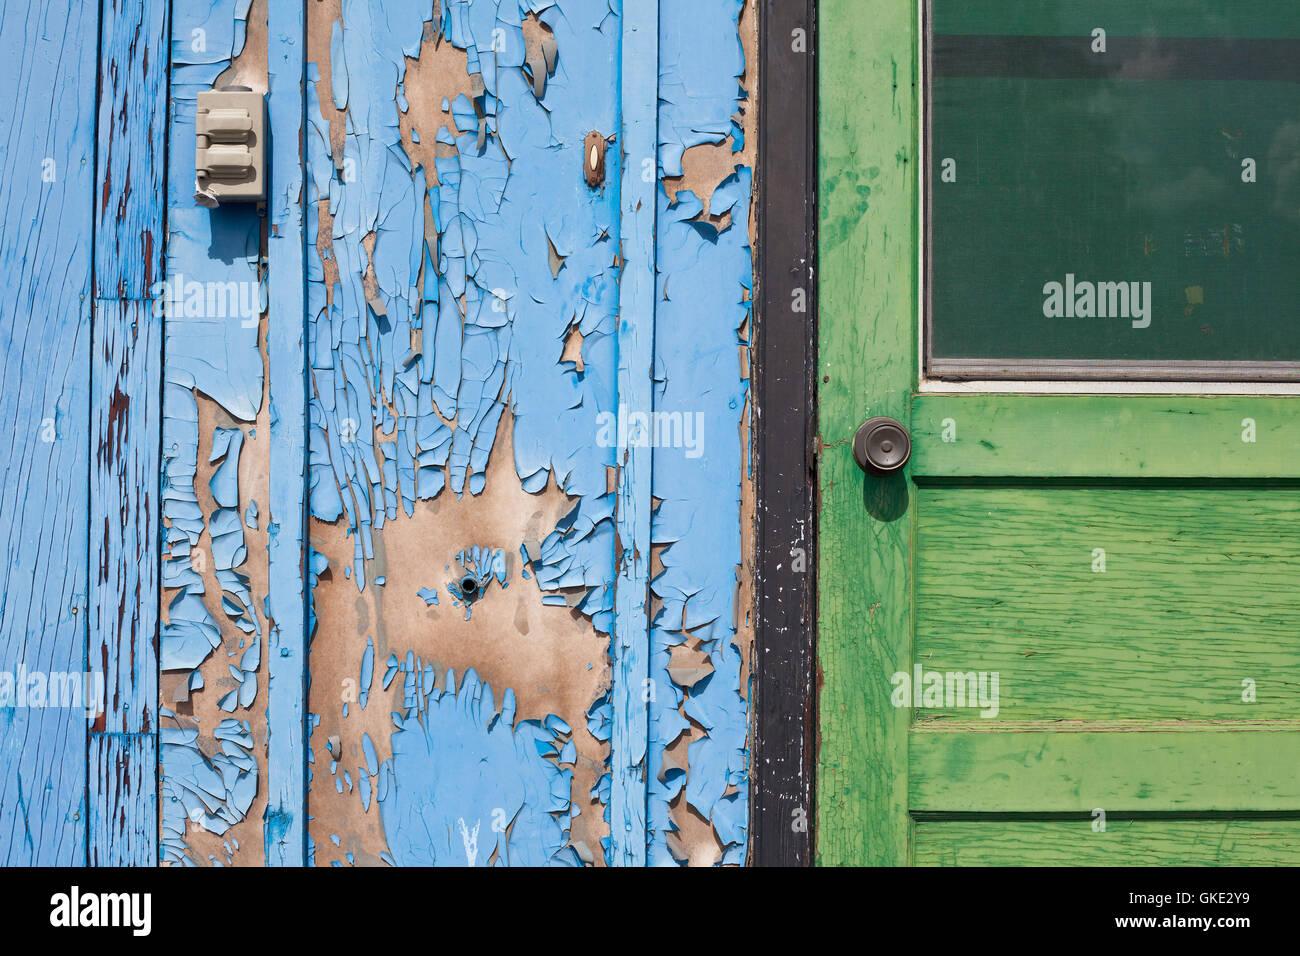 Entrance of abandoned house - Stock Image